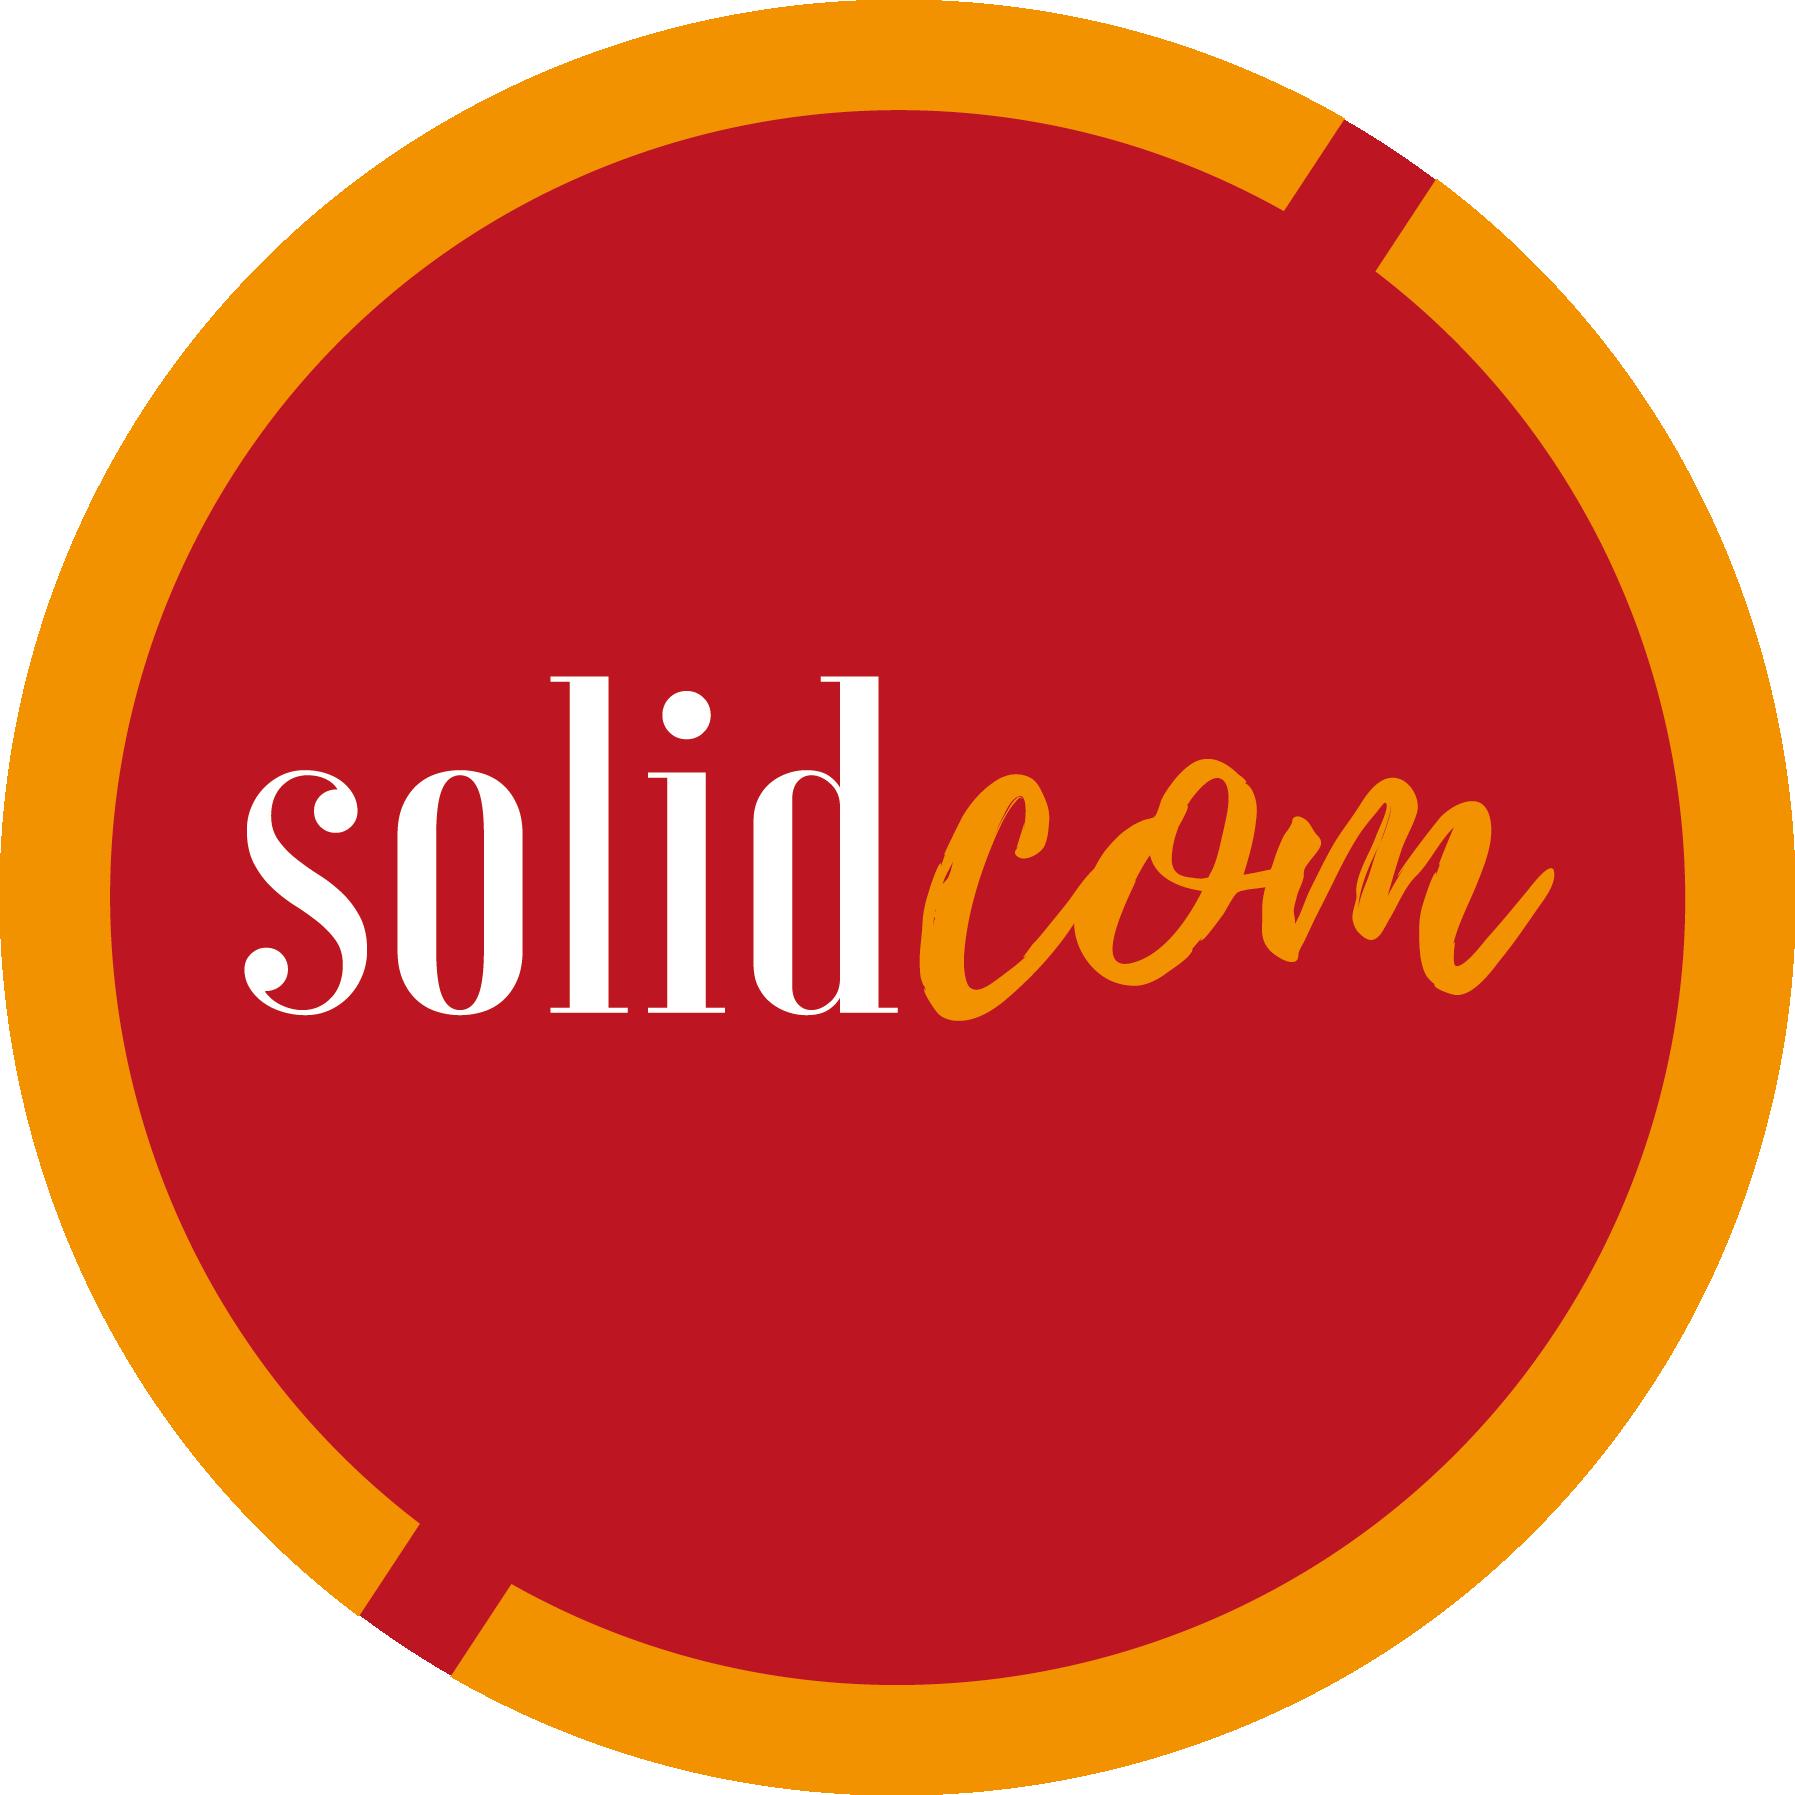 Solidcom